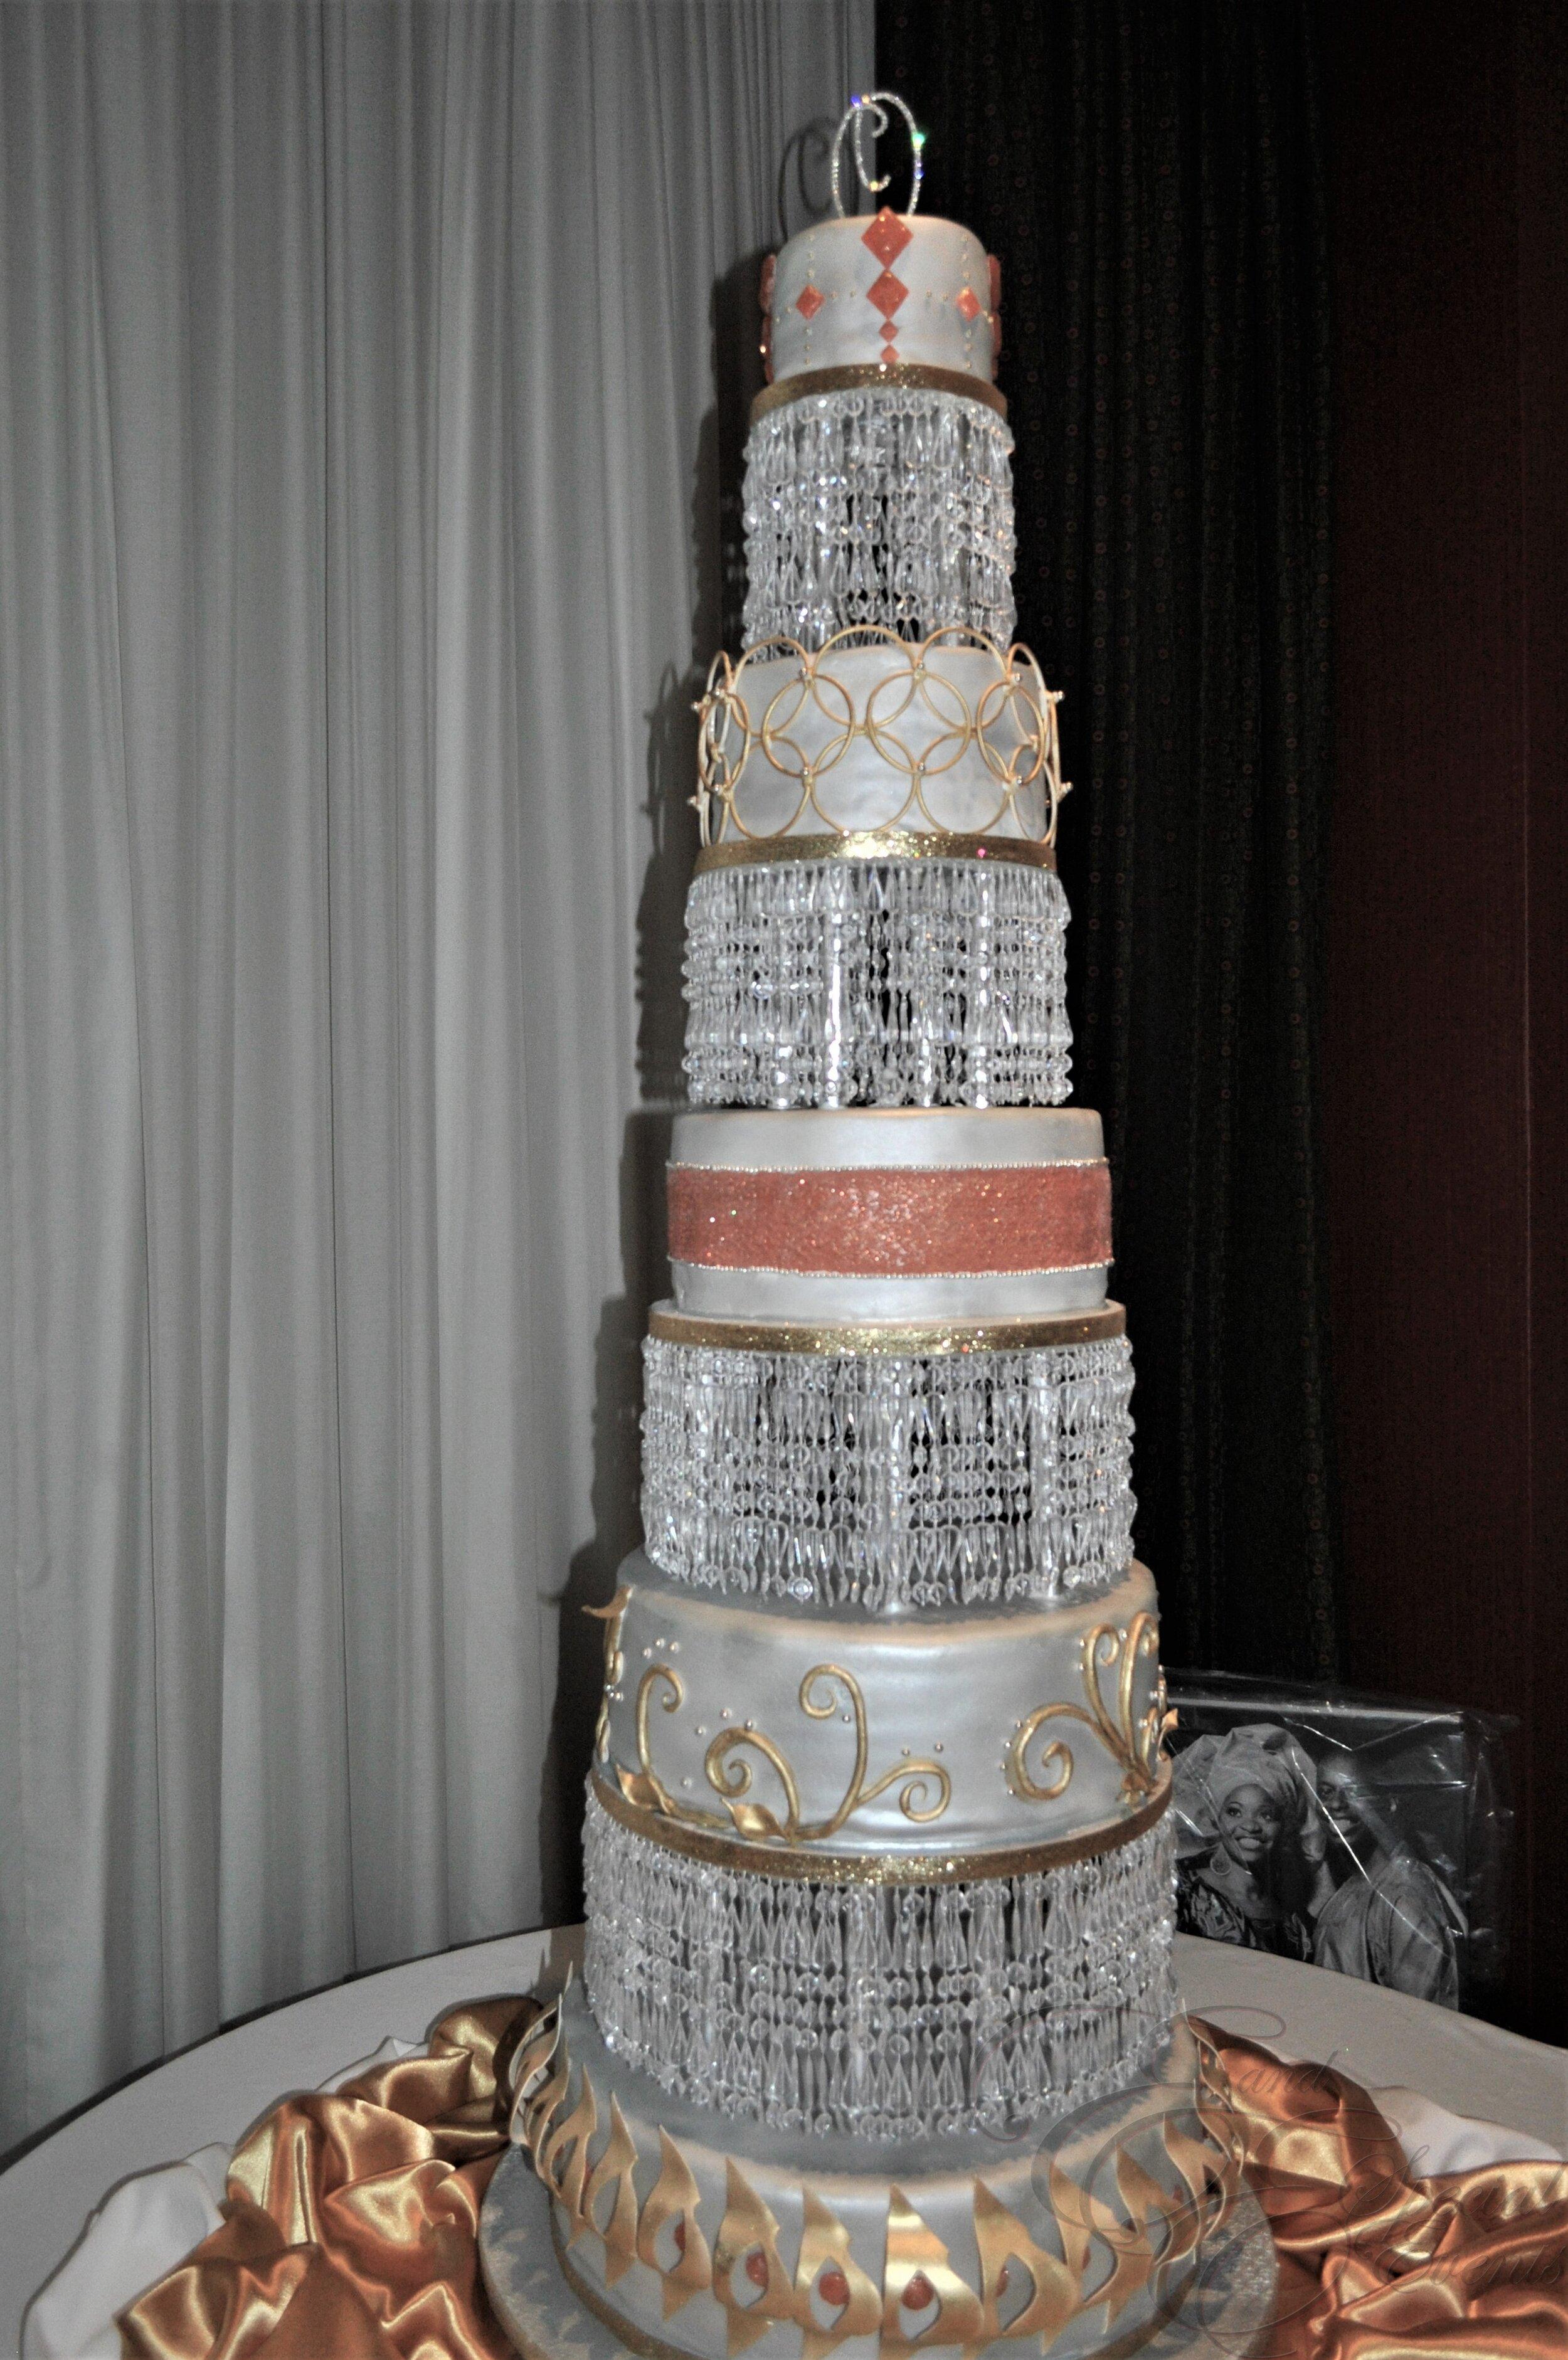 E_E_Special_Events_Unique_Wedding_Cakes_Virginia_Beach_Hampton_Roads49.jpg